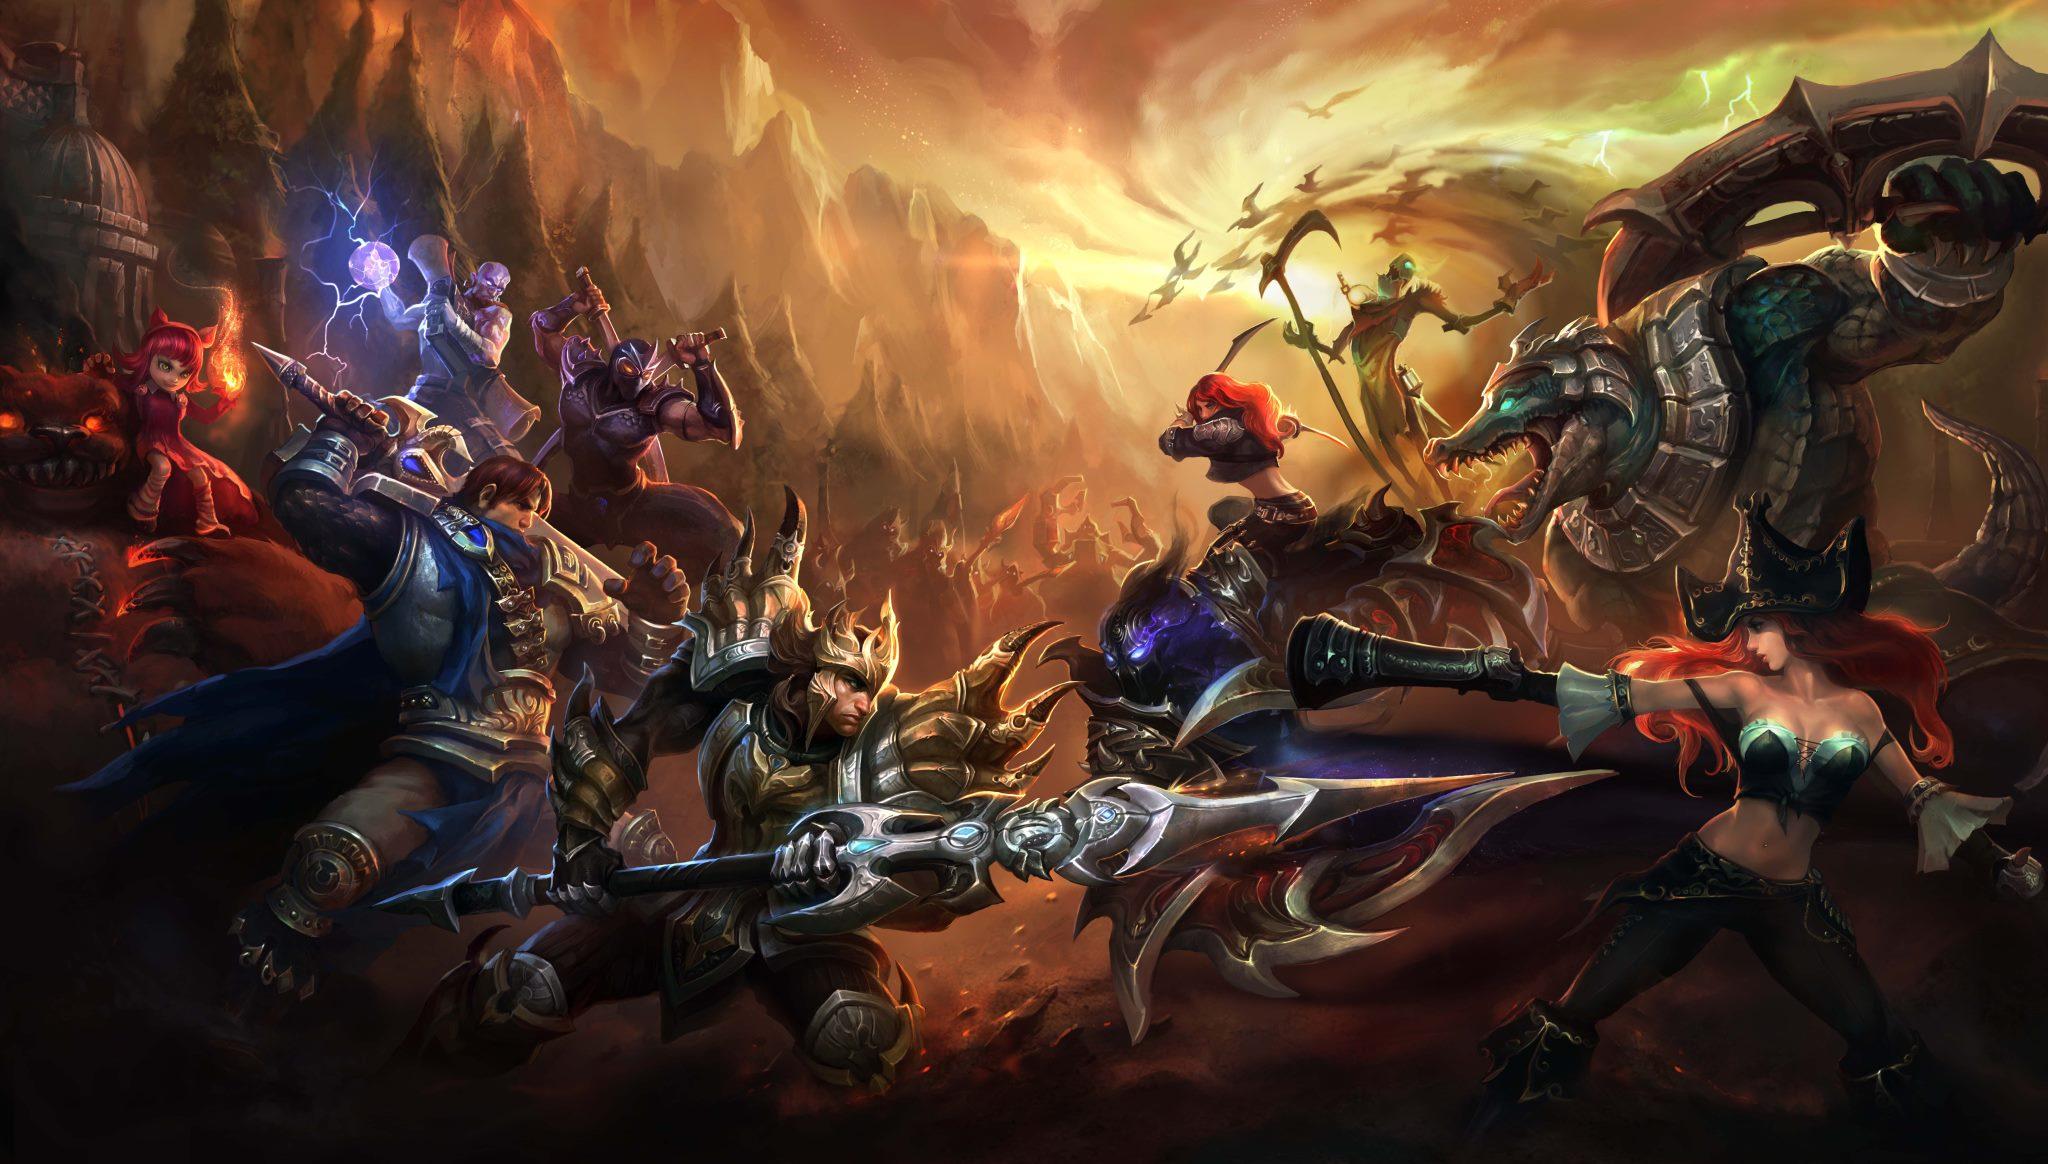 League Of Legends 8 Anfänger Tipps Für Das Meistgespielte Spiel Der